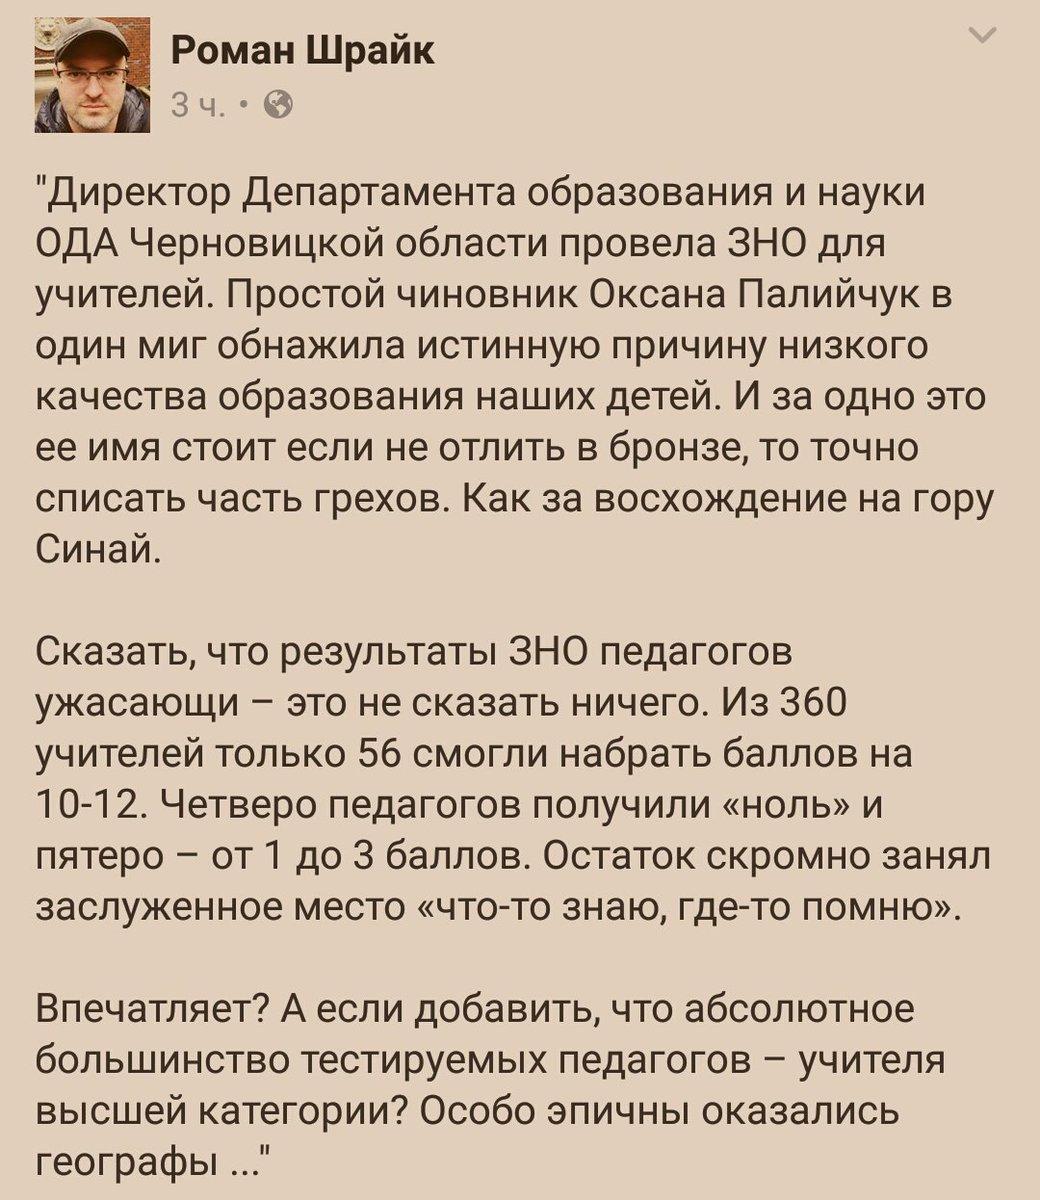 Директор ВостГОКа Сорокин опровергает информацию о своем побеге за границу и намерен сам посетить НАБУ - Цензор.НЕТ 8560